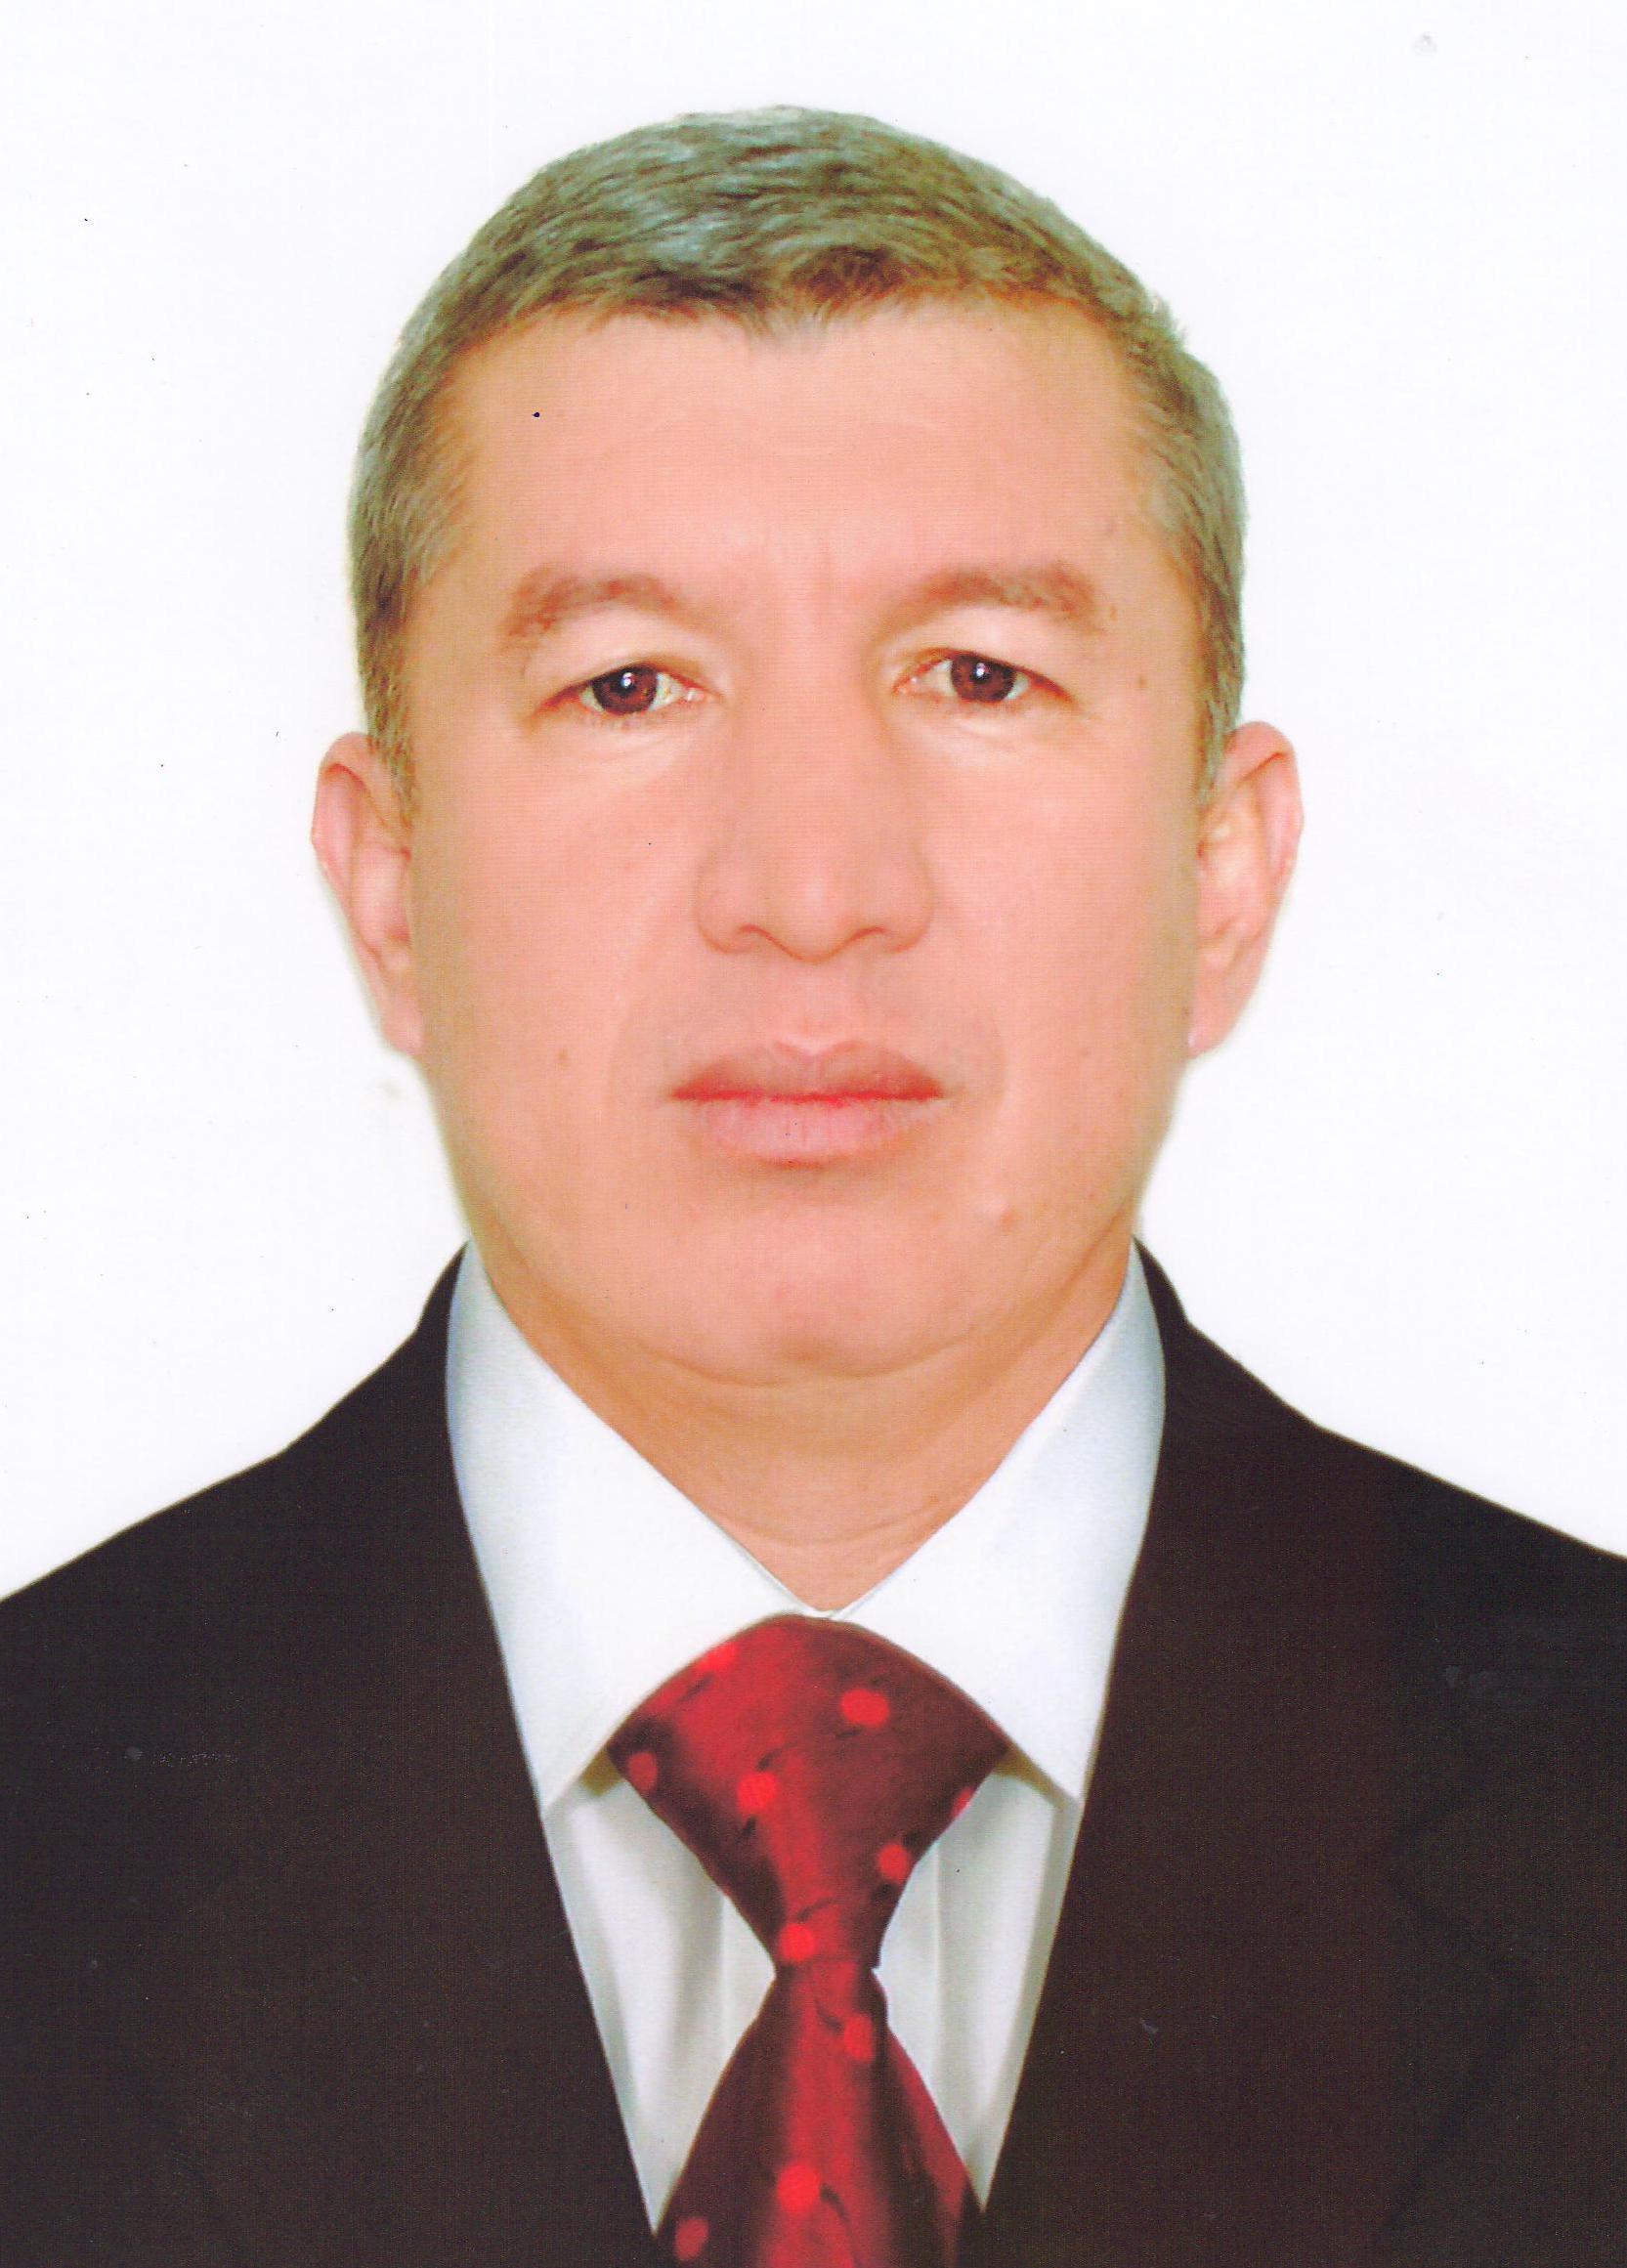 Камолов Ғайрат Эржигитович